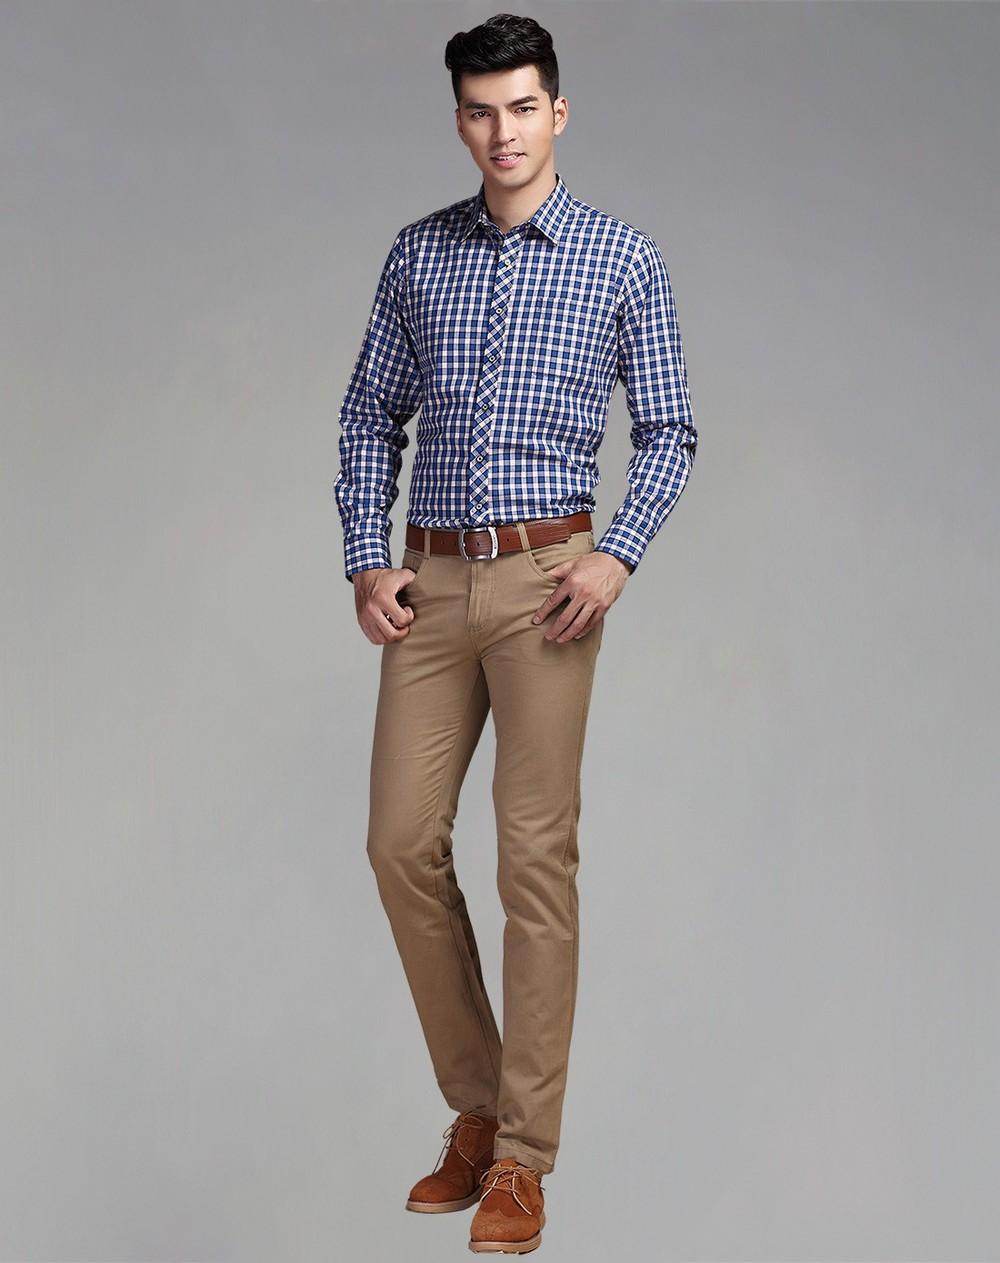 mantas mayor los camisa franela casual hombres diseño al hombres para camisa por 2015 moda de Rqg14